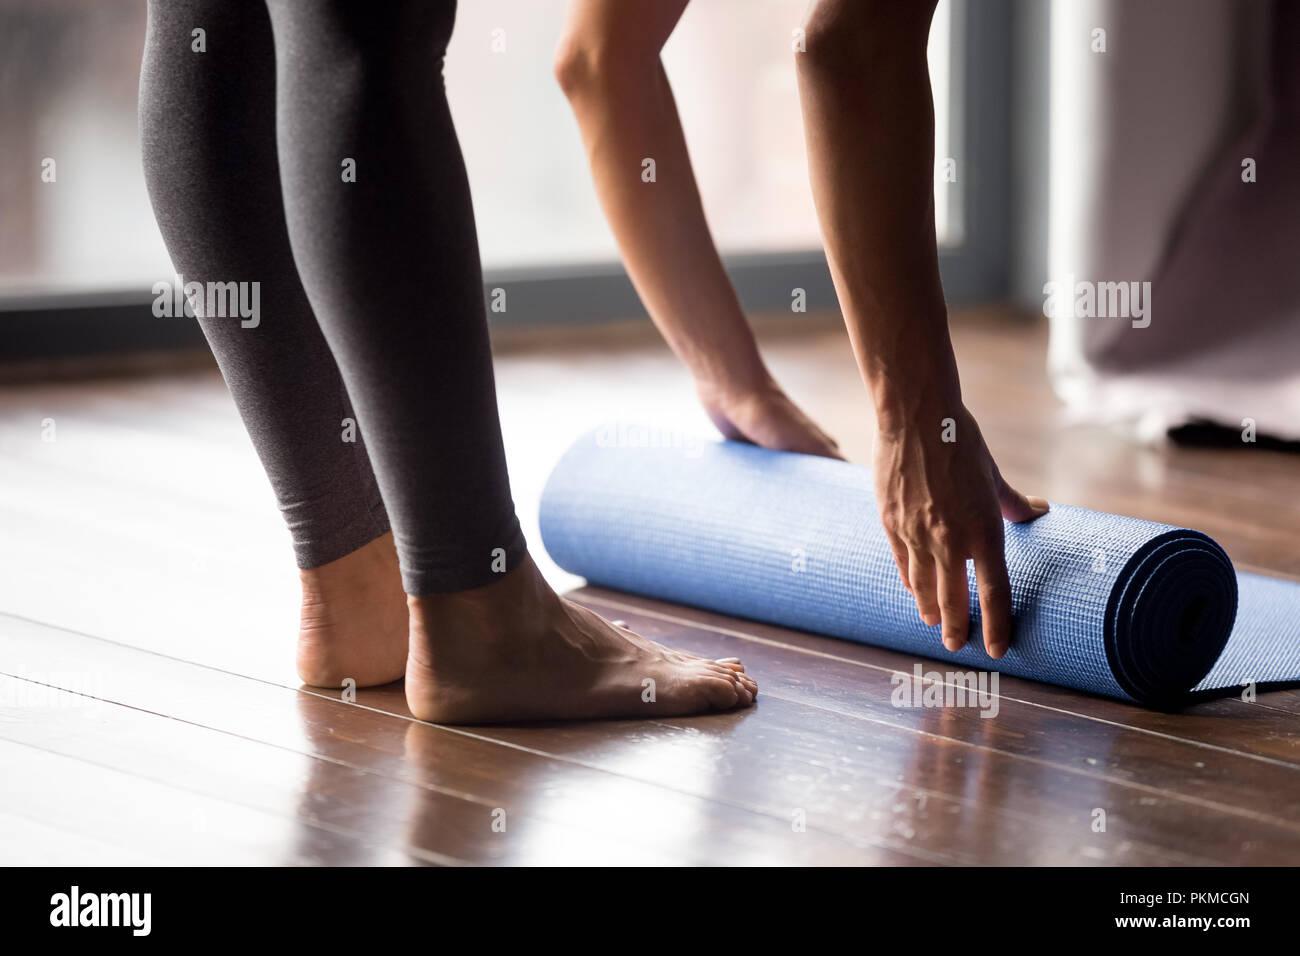 Mädchen rolling Yoga Matte für Meditation oder Fitness zu Hause Stockfoto